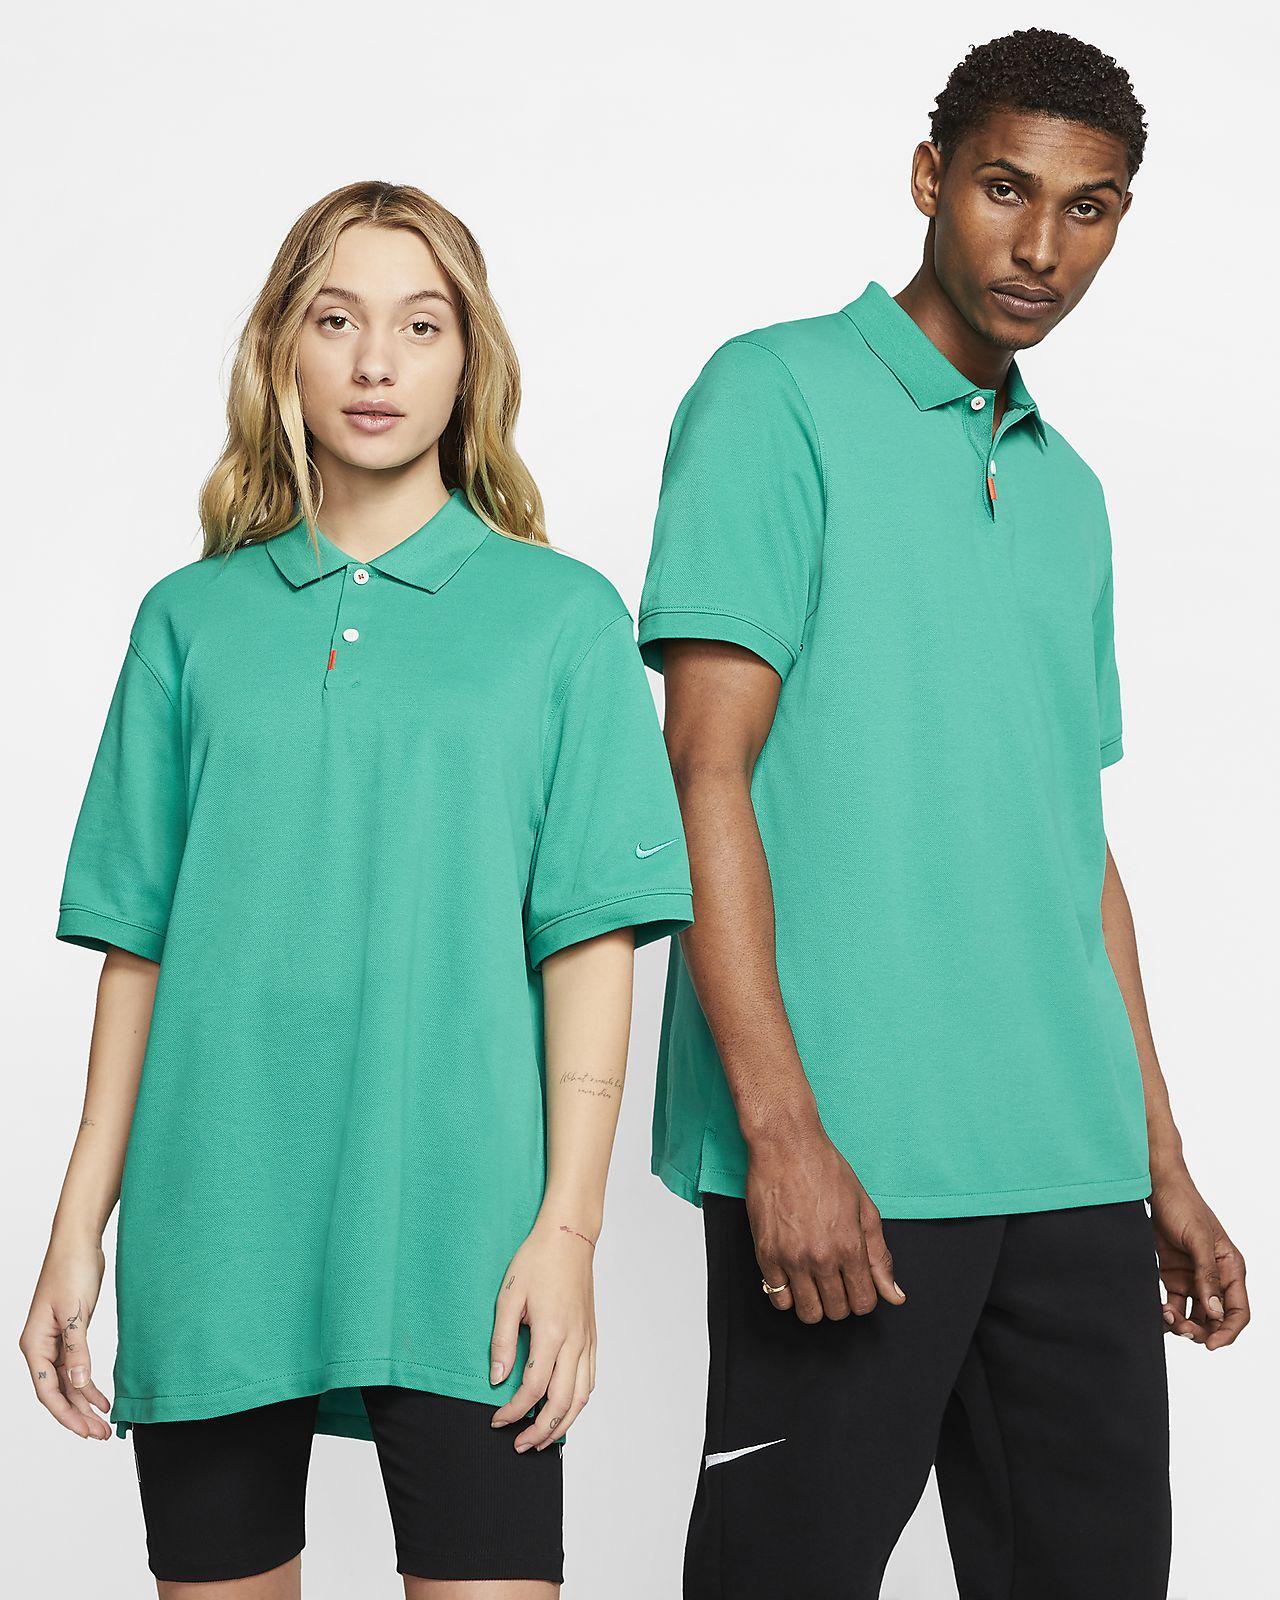 เสื้อโปโลผู้ชาย The Nike Polo